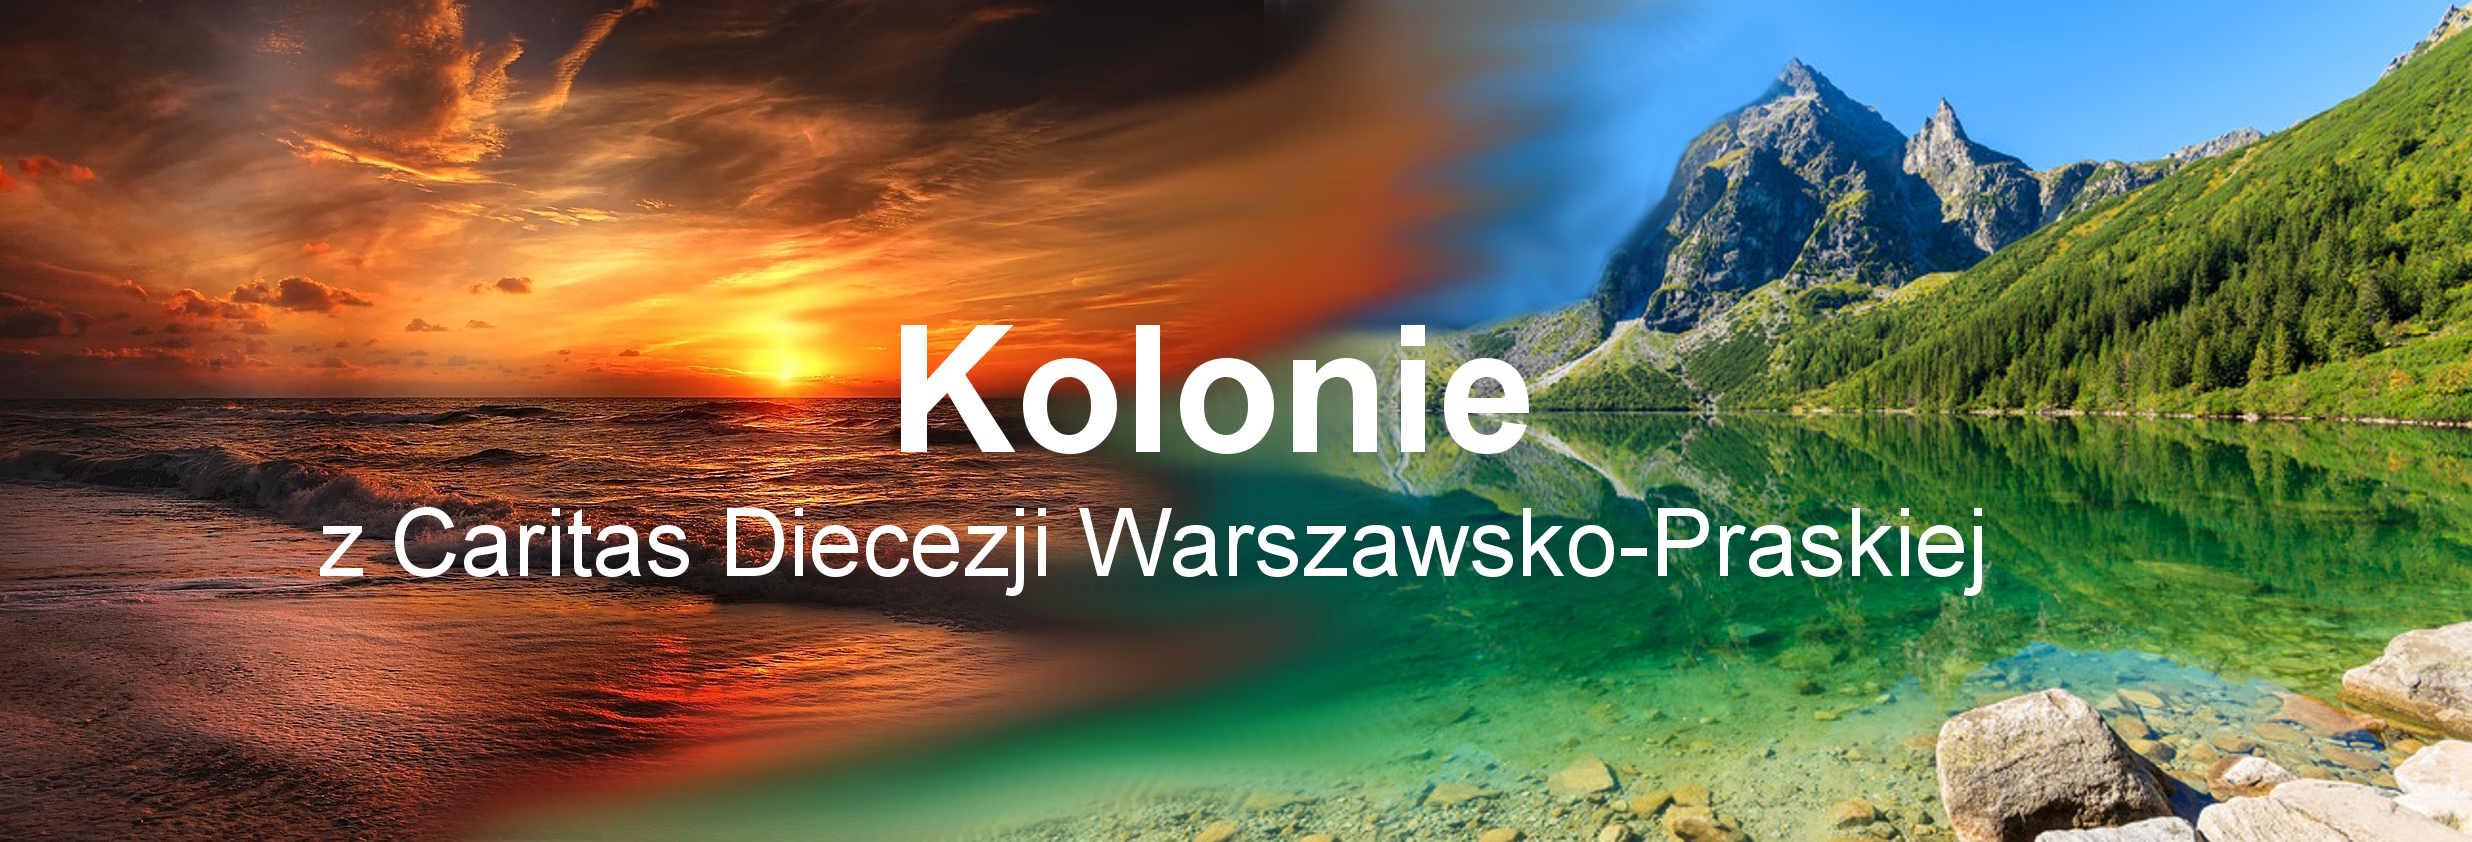 kolonie z CDWP 2018 - Kolonie organizowane przez Caritas Diecezji Warszawsko - Praskiej